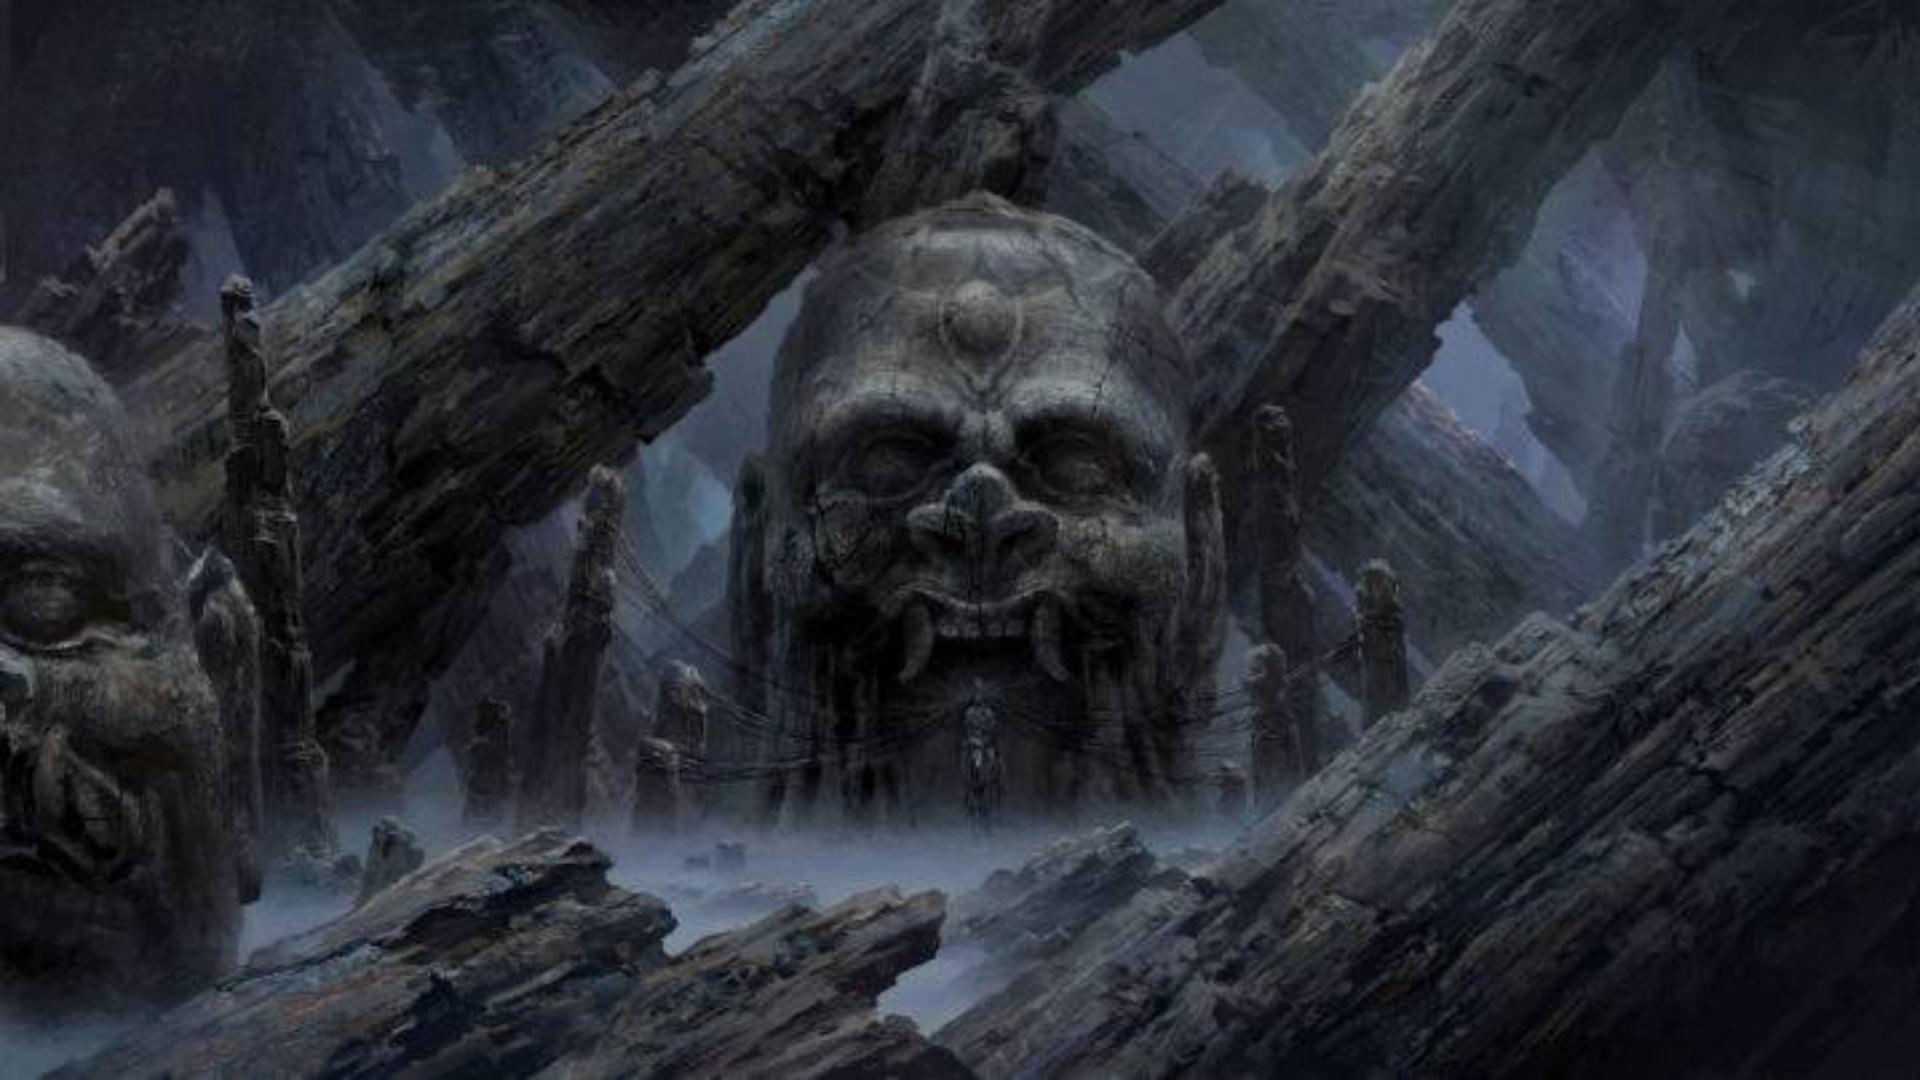 神话中记载了一个由鬼组建的神秘鬼国,那里阴暗寒冷不见天日